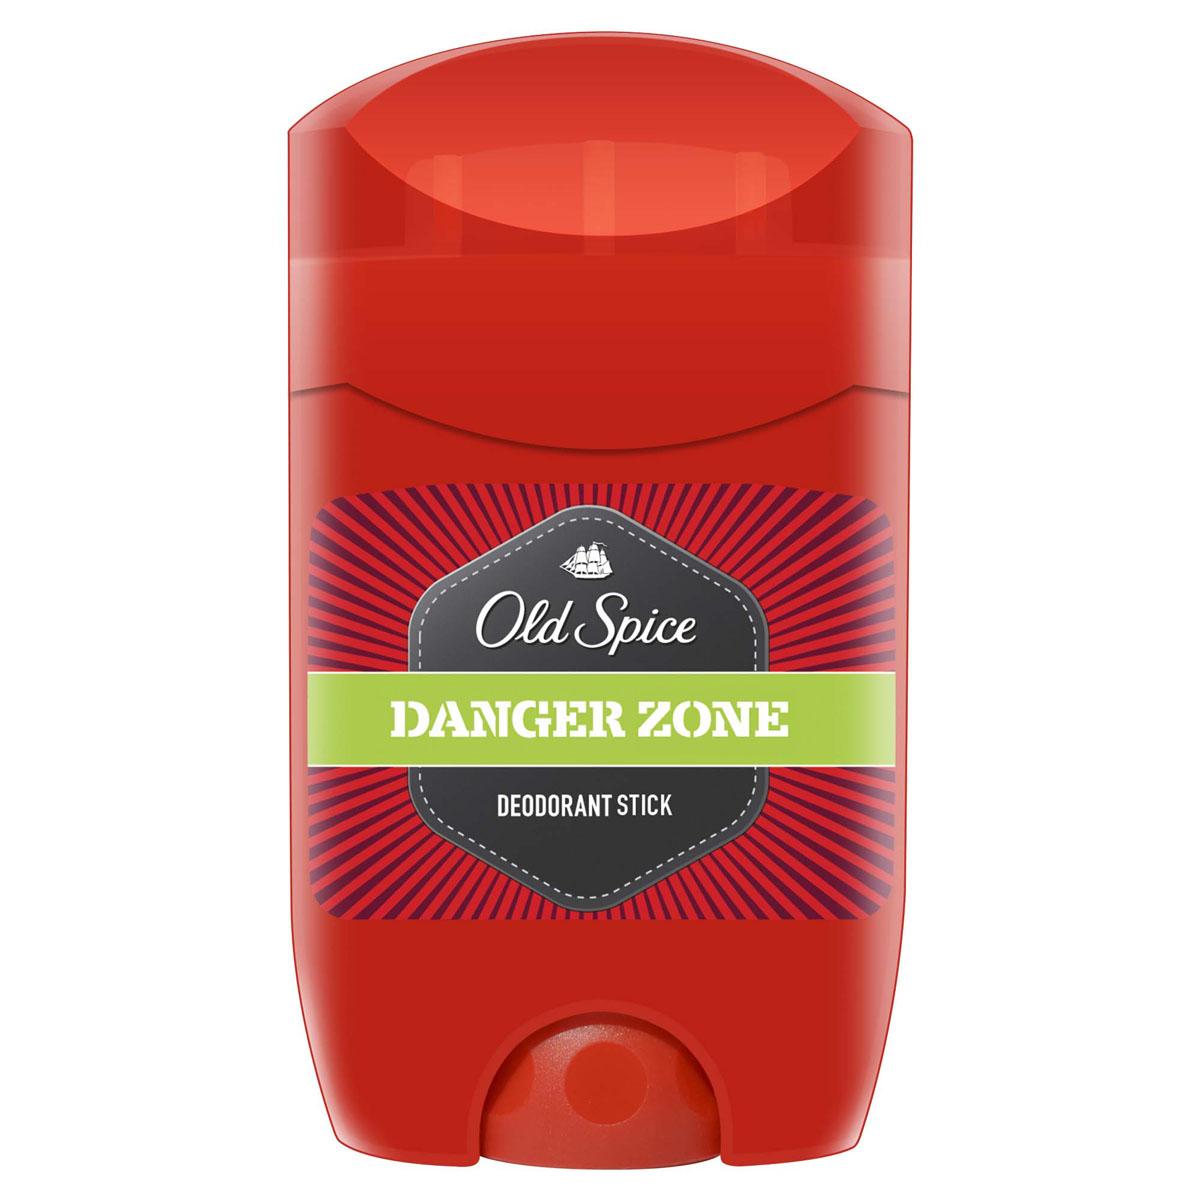 Дезодорант твердый Old Spice Danger Zone, 50 мл